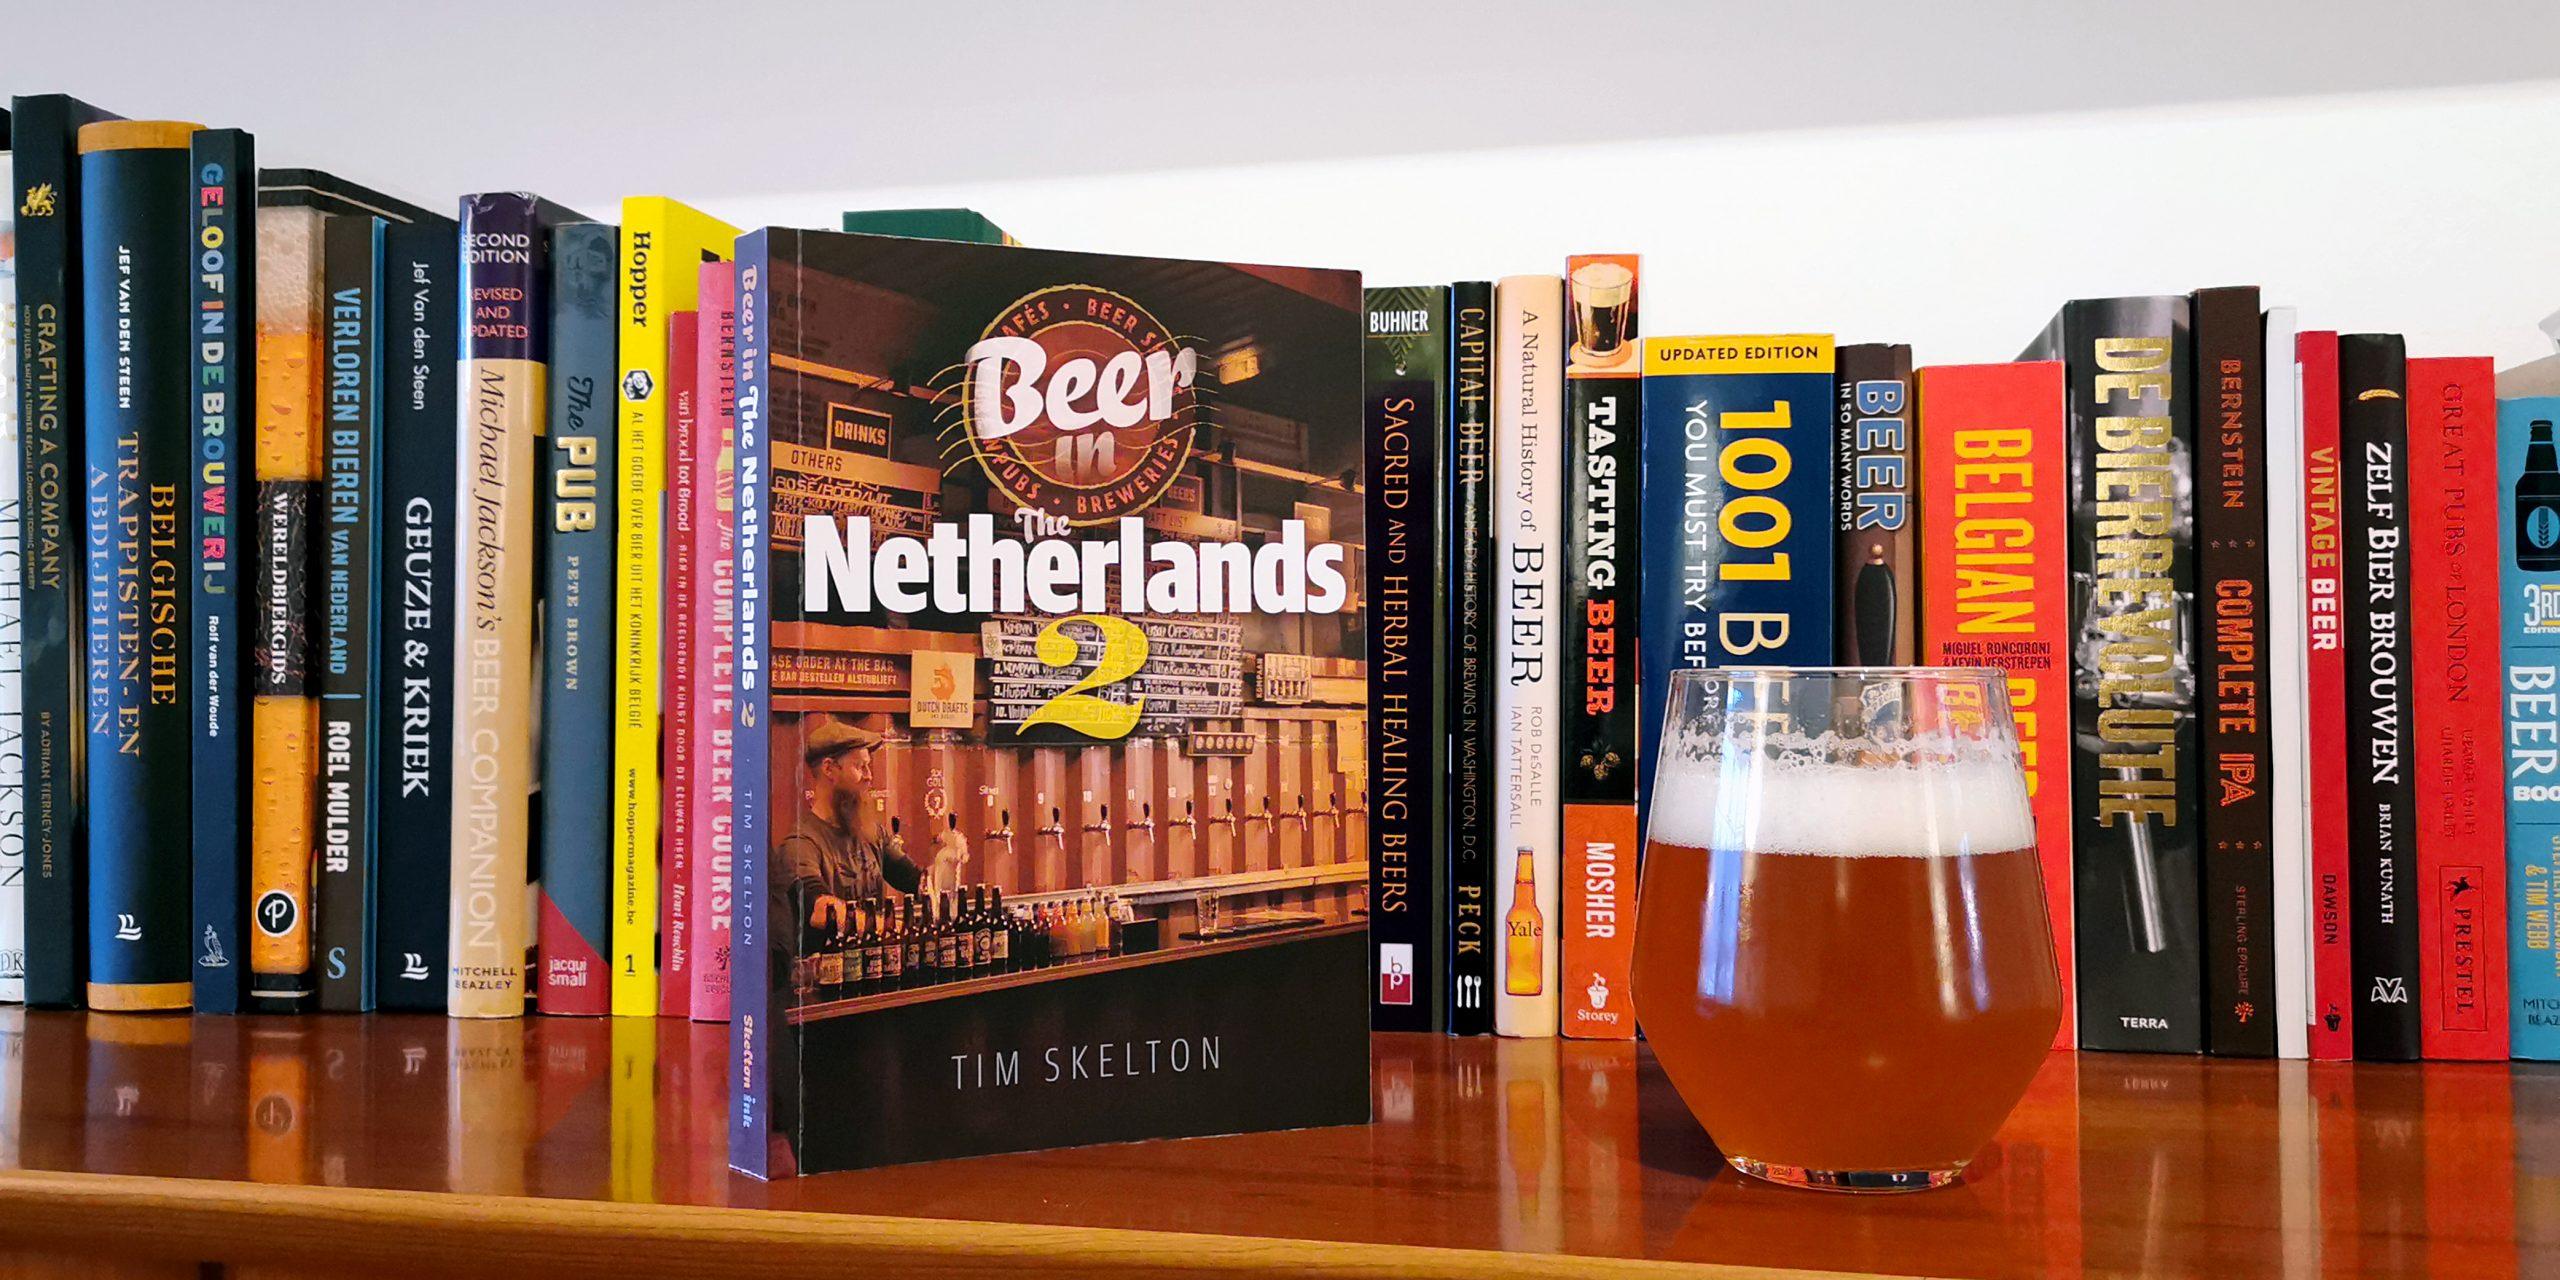 Beer in the Netherlands - Tim Skelton